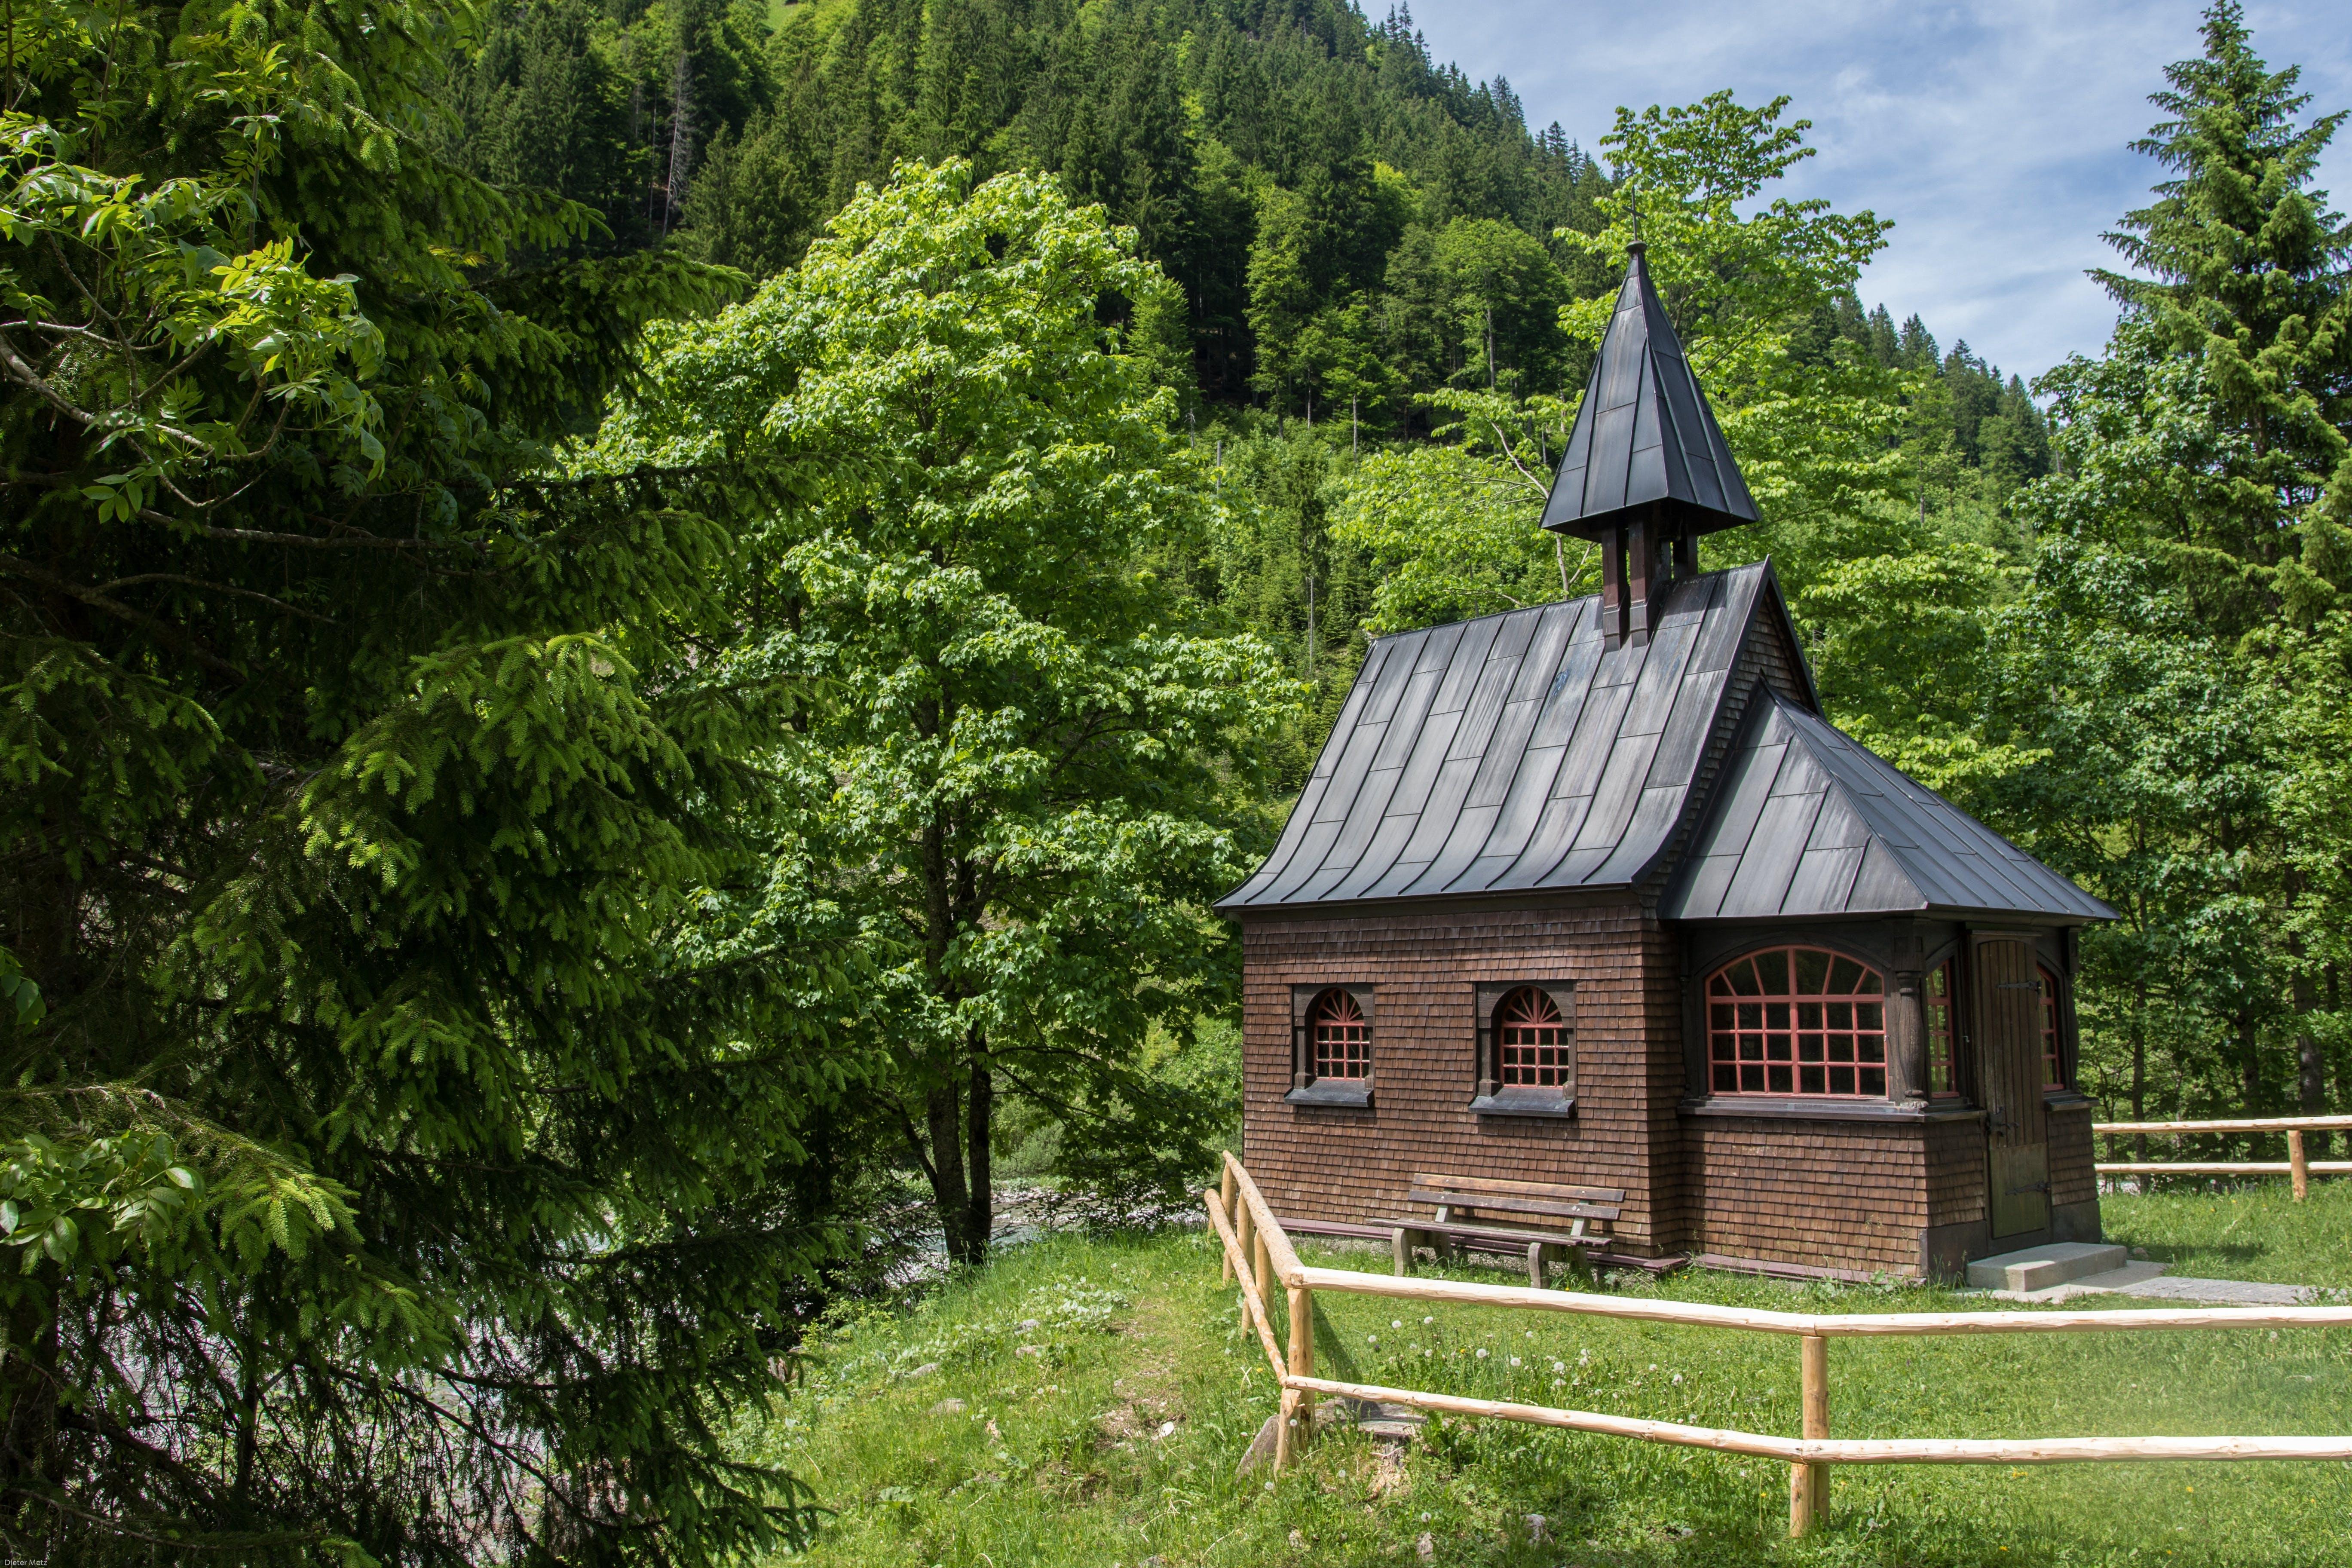 Kostenloses Stock Foto zu architektur, außerorts, bäume, berg